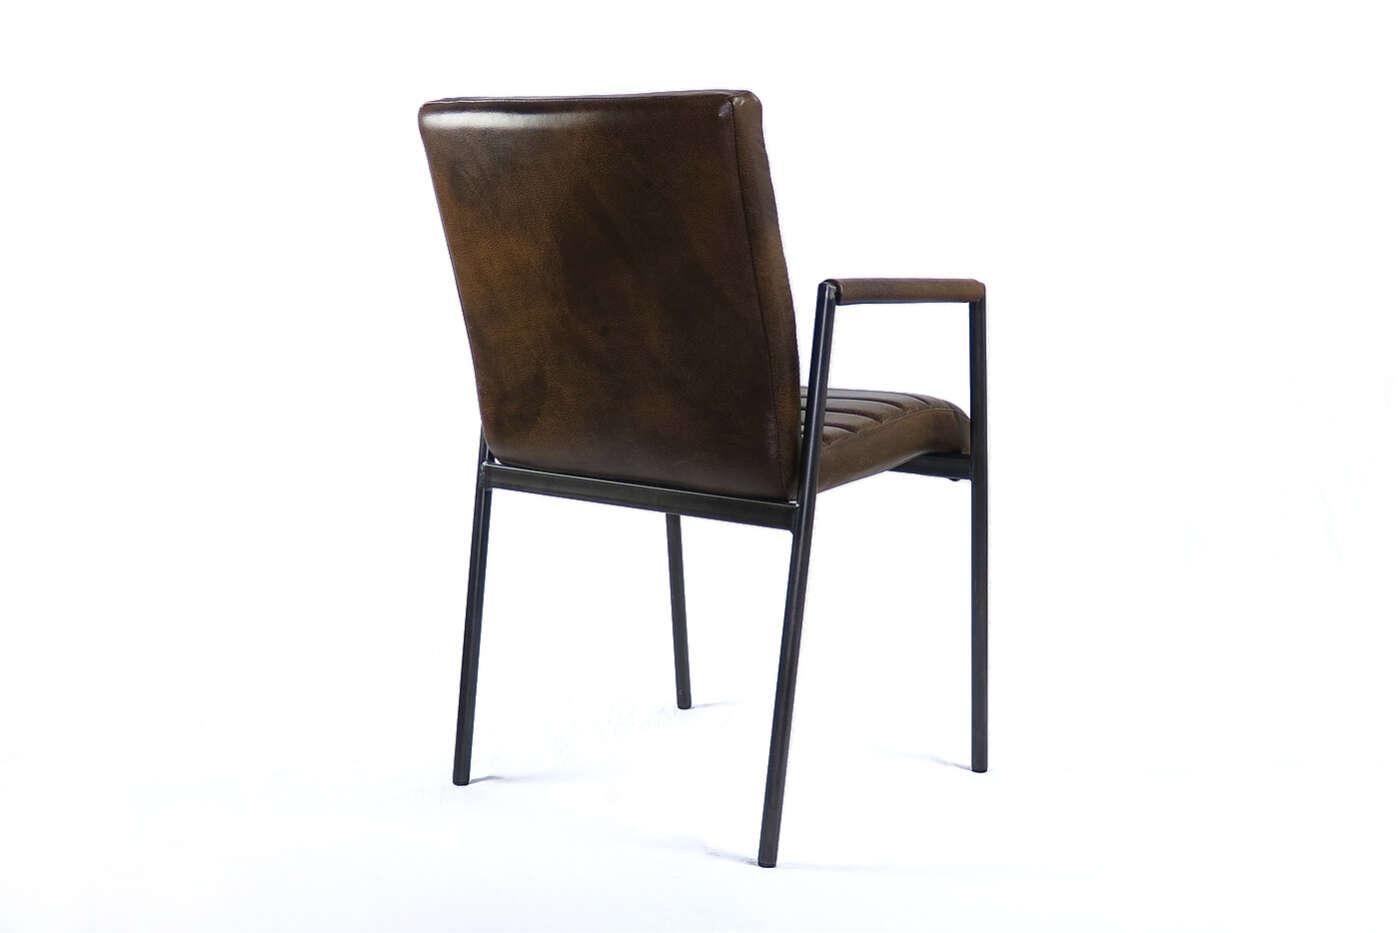 Sympathisch Esstisch Stühle Mit Armlehne Dekoration Von Rücken - Ansicht Von Hinten Esko Echtleder